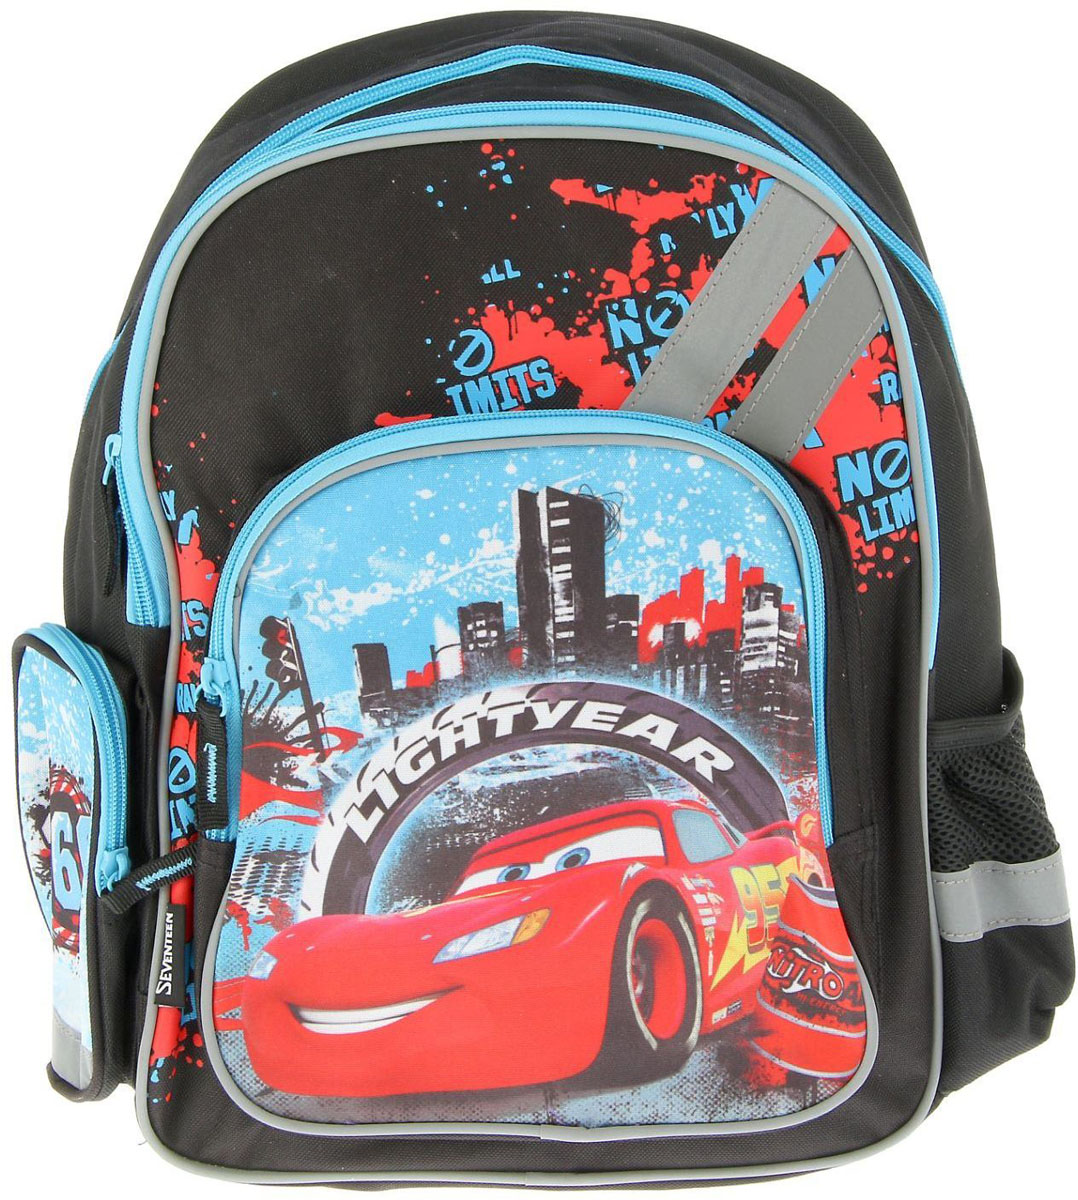 Disney Рюкзак детский Cars72523WDрюкзак школьный эргоном.спинка мал. Disney Cars 38*29*15 2 одел CRCB-MT1-9621 — это более мягкая, по сравнению с ранцем, текстильная школьная сумка, обладающая оригинальным дизайном и большой вместительностью.В спинку такого ранца вставлена пенка, а на местах максимального соприкосновения с телом ребёнка (лопатки, поясница, плечи) ещё и нашиты дополнительные мягкие подушечки, которые дают возможность циркулировать воздуху, обеспечивая комфортные ощущения для спины.Именно такой рюкзак, по мнению врачей-ортопедов, считается оптимальным для школьников начальных и средних классов.